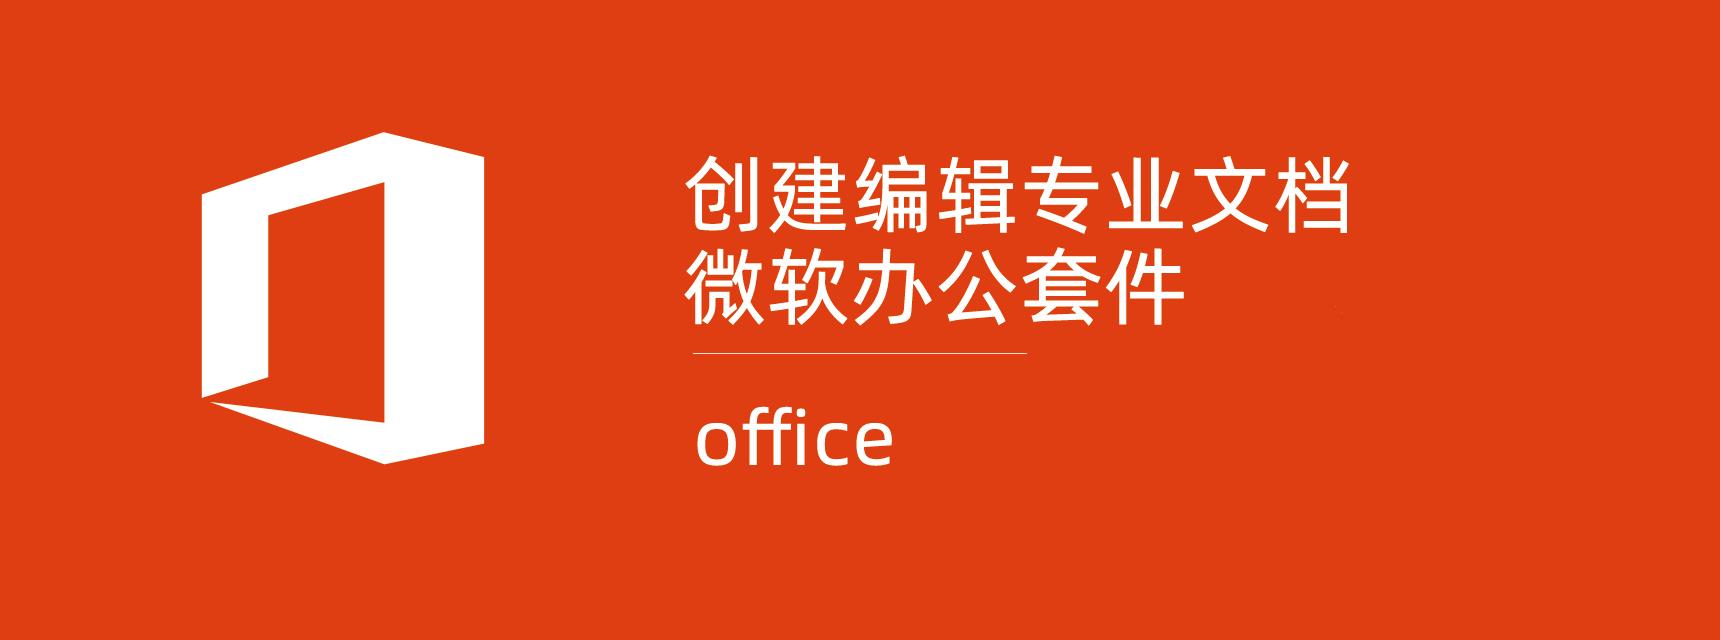 正版软件:Office 学生版/家庭版/专业增强版 最低仅需248元